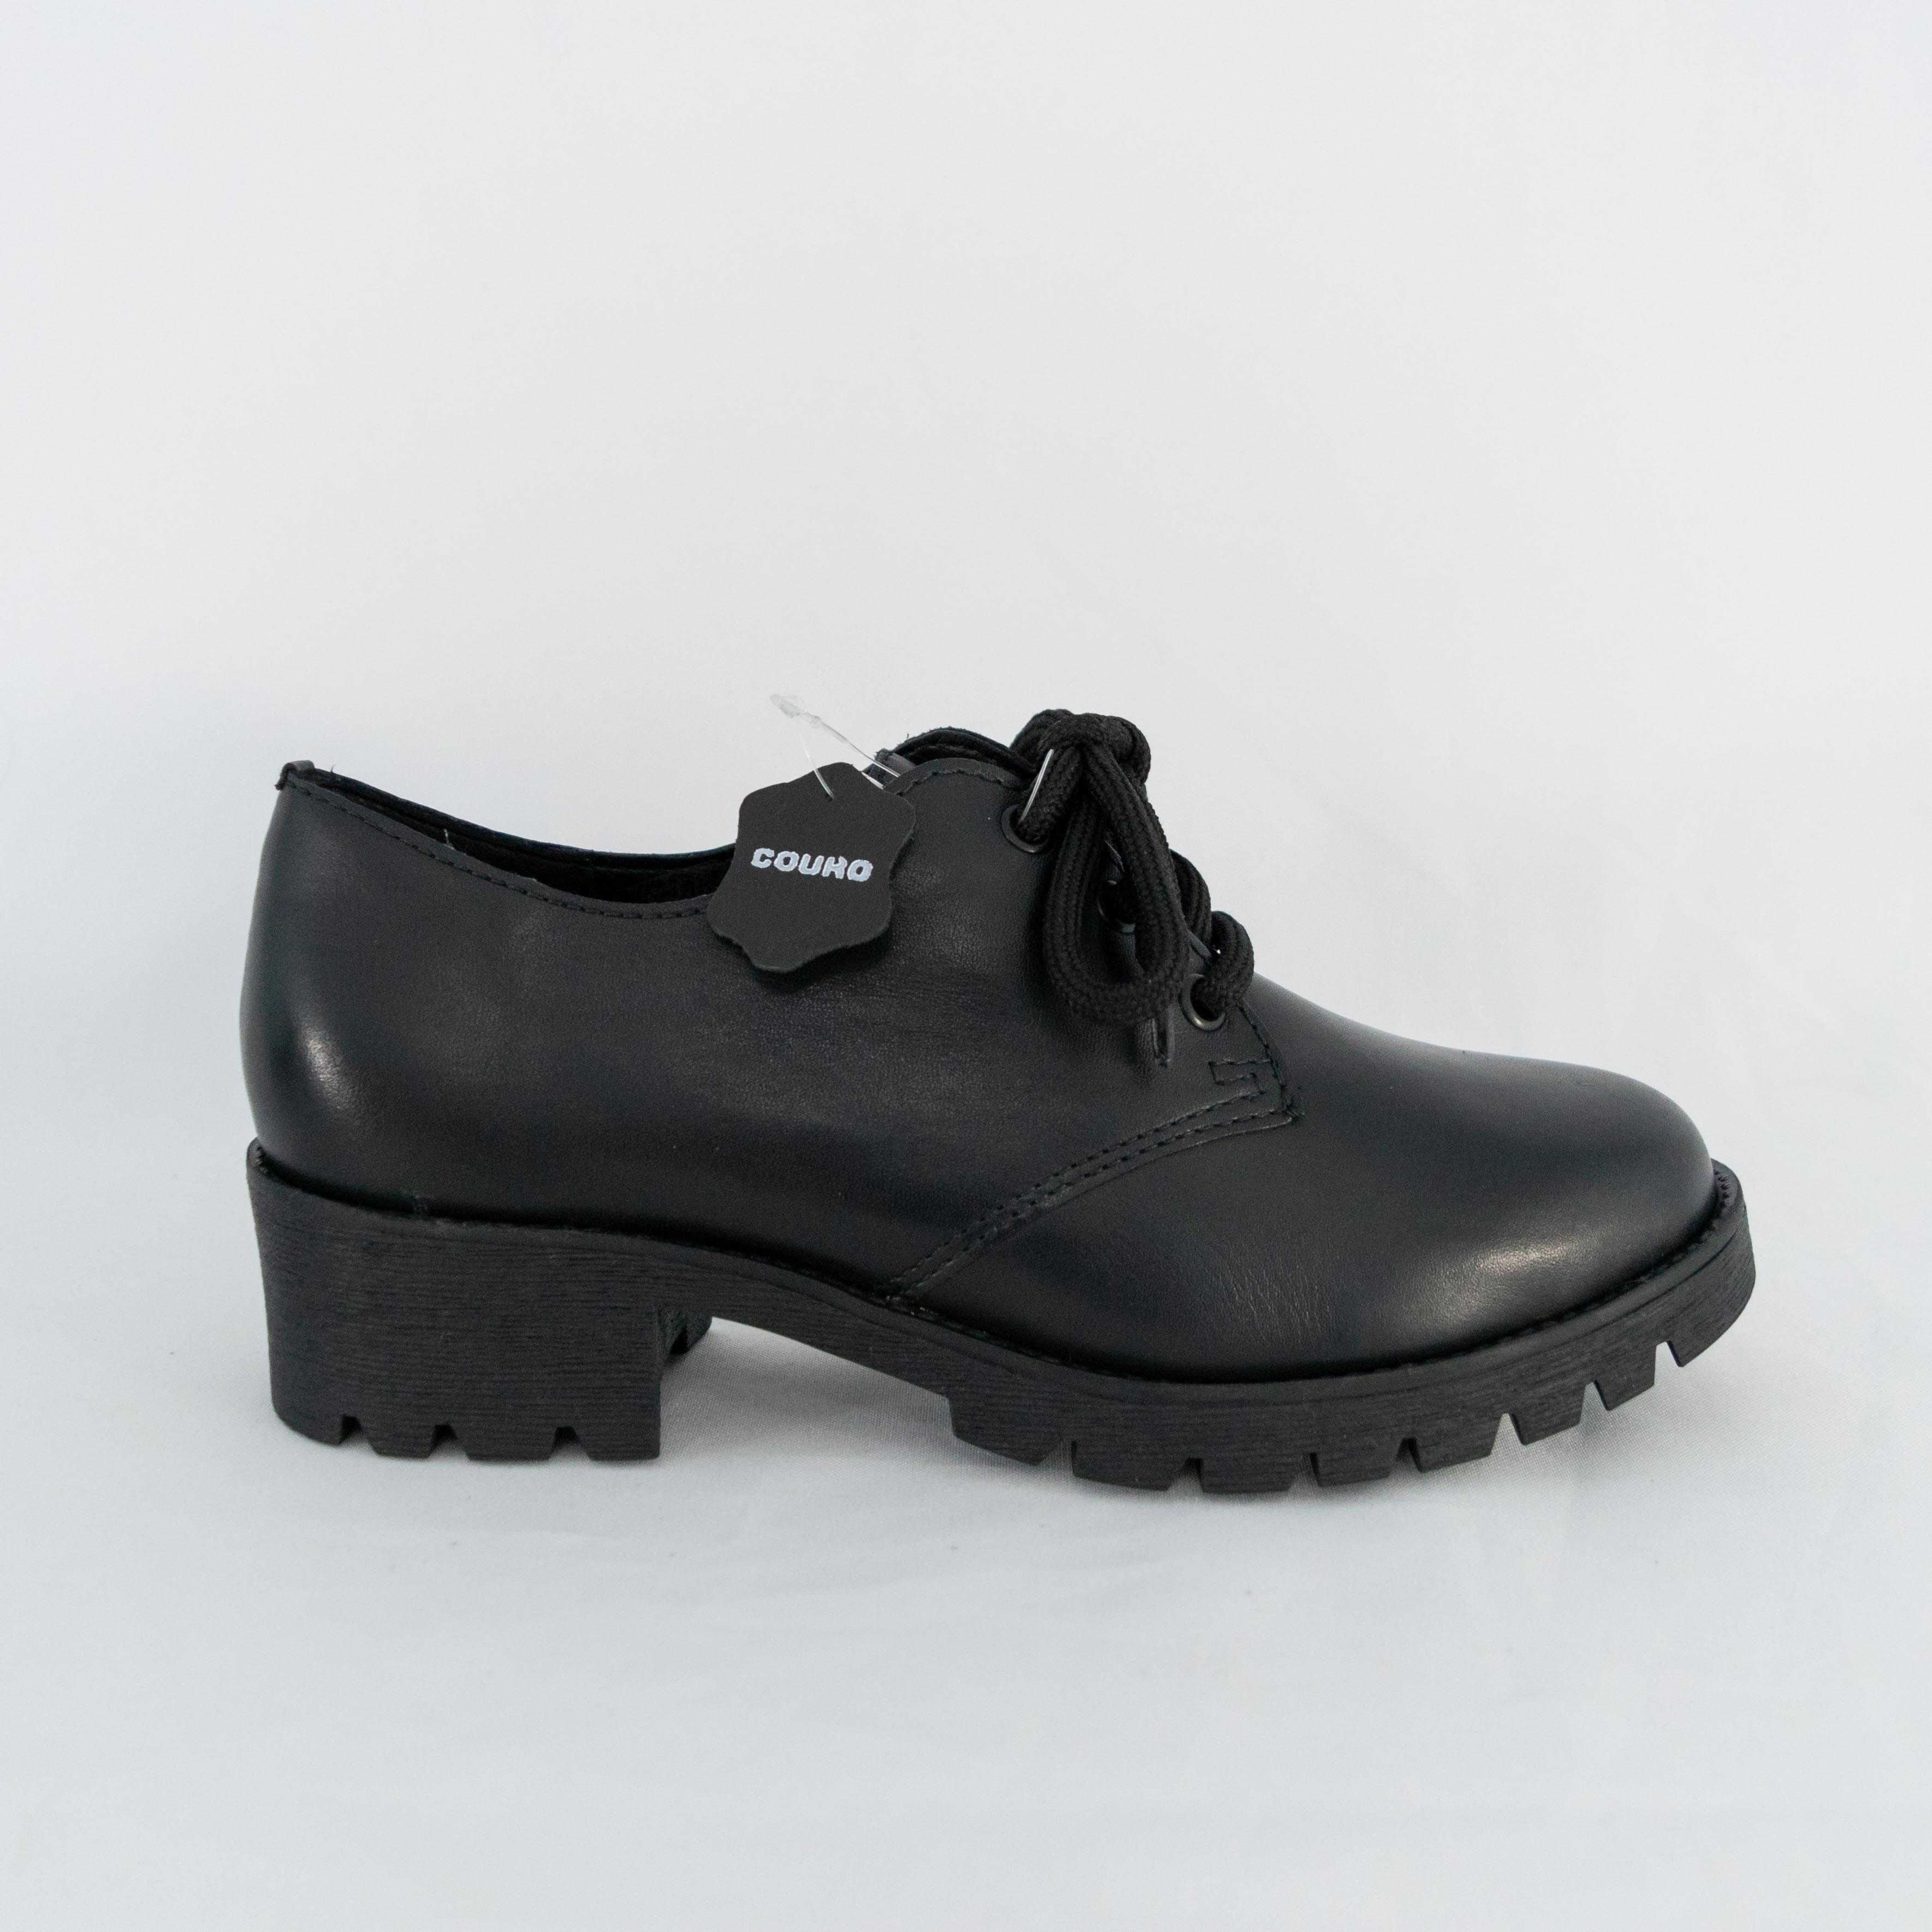 9d35483cee Sapato Oxford Feminino Bottero 299903 9 BOTALLIEXIX Preto